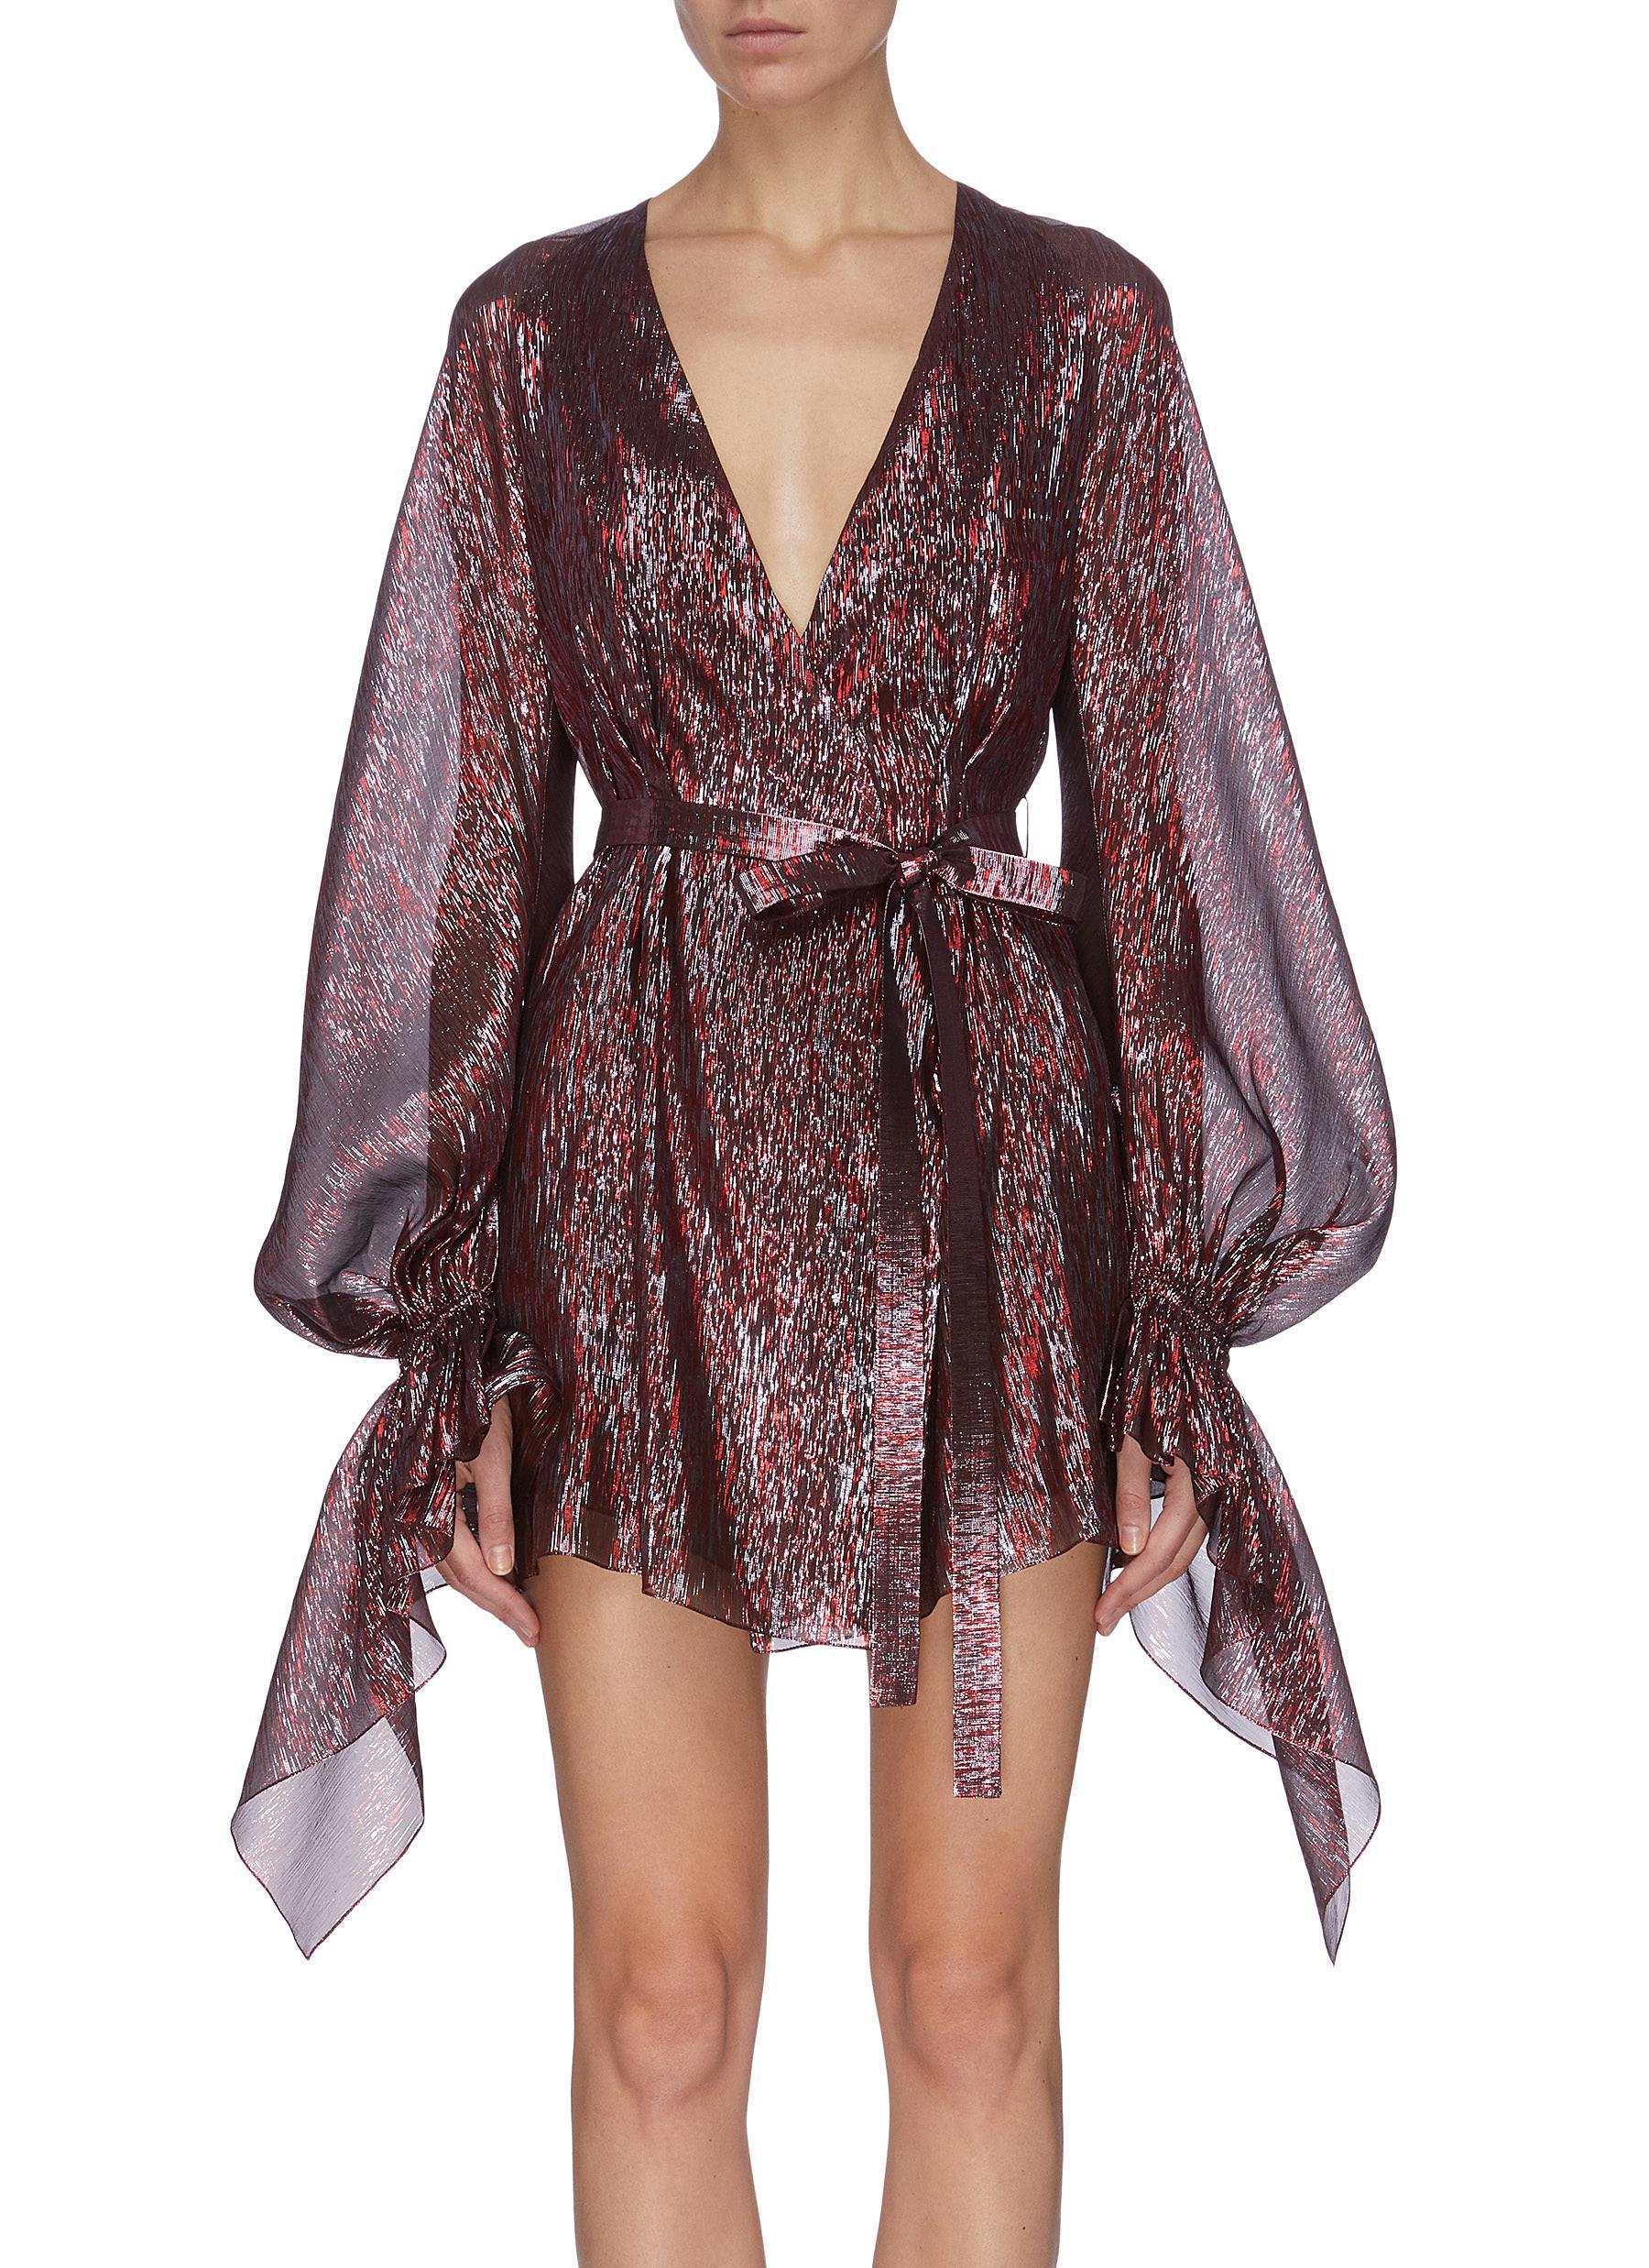 Buy Roland Mouret Dresses 'Hamberg' belted metallic glitter sheer dress